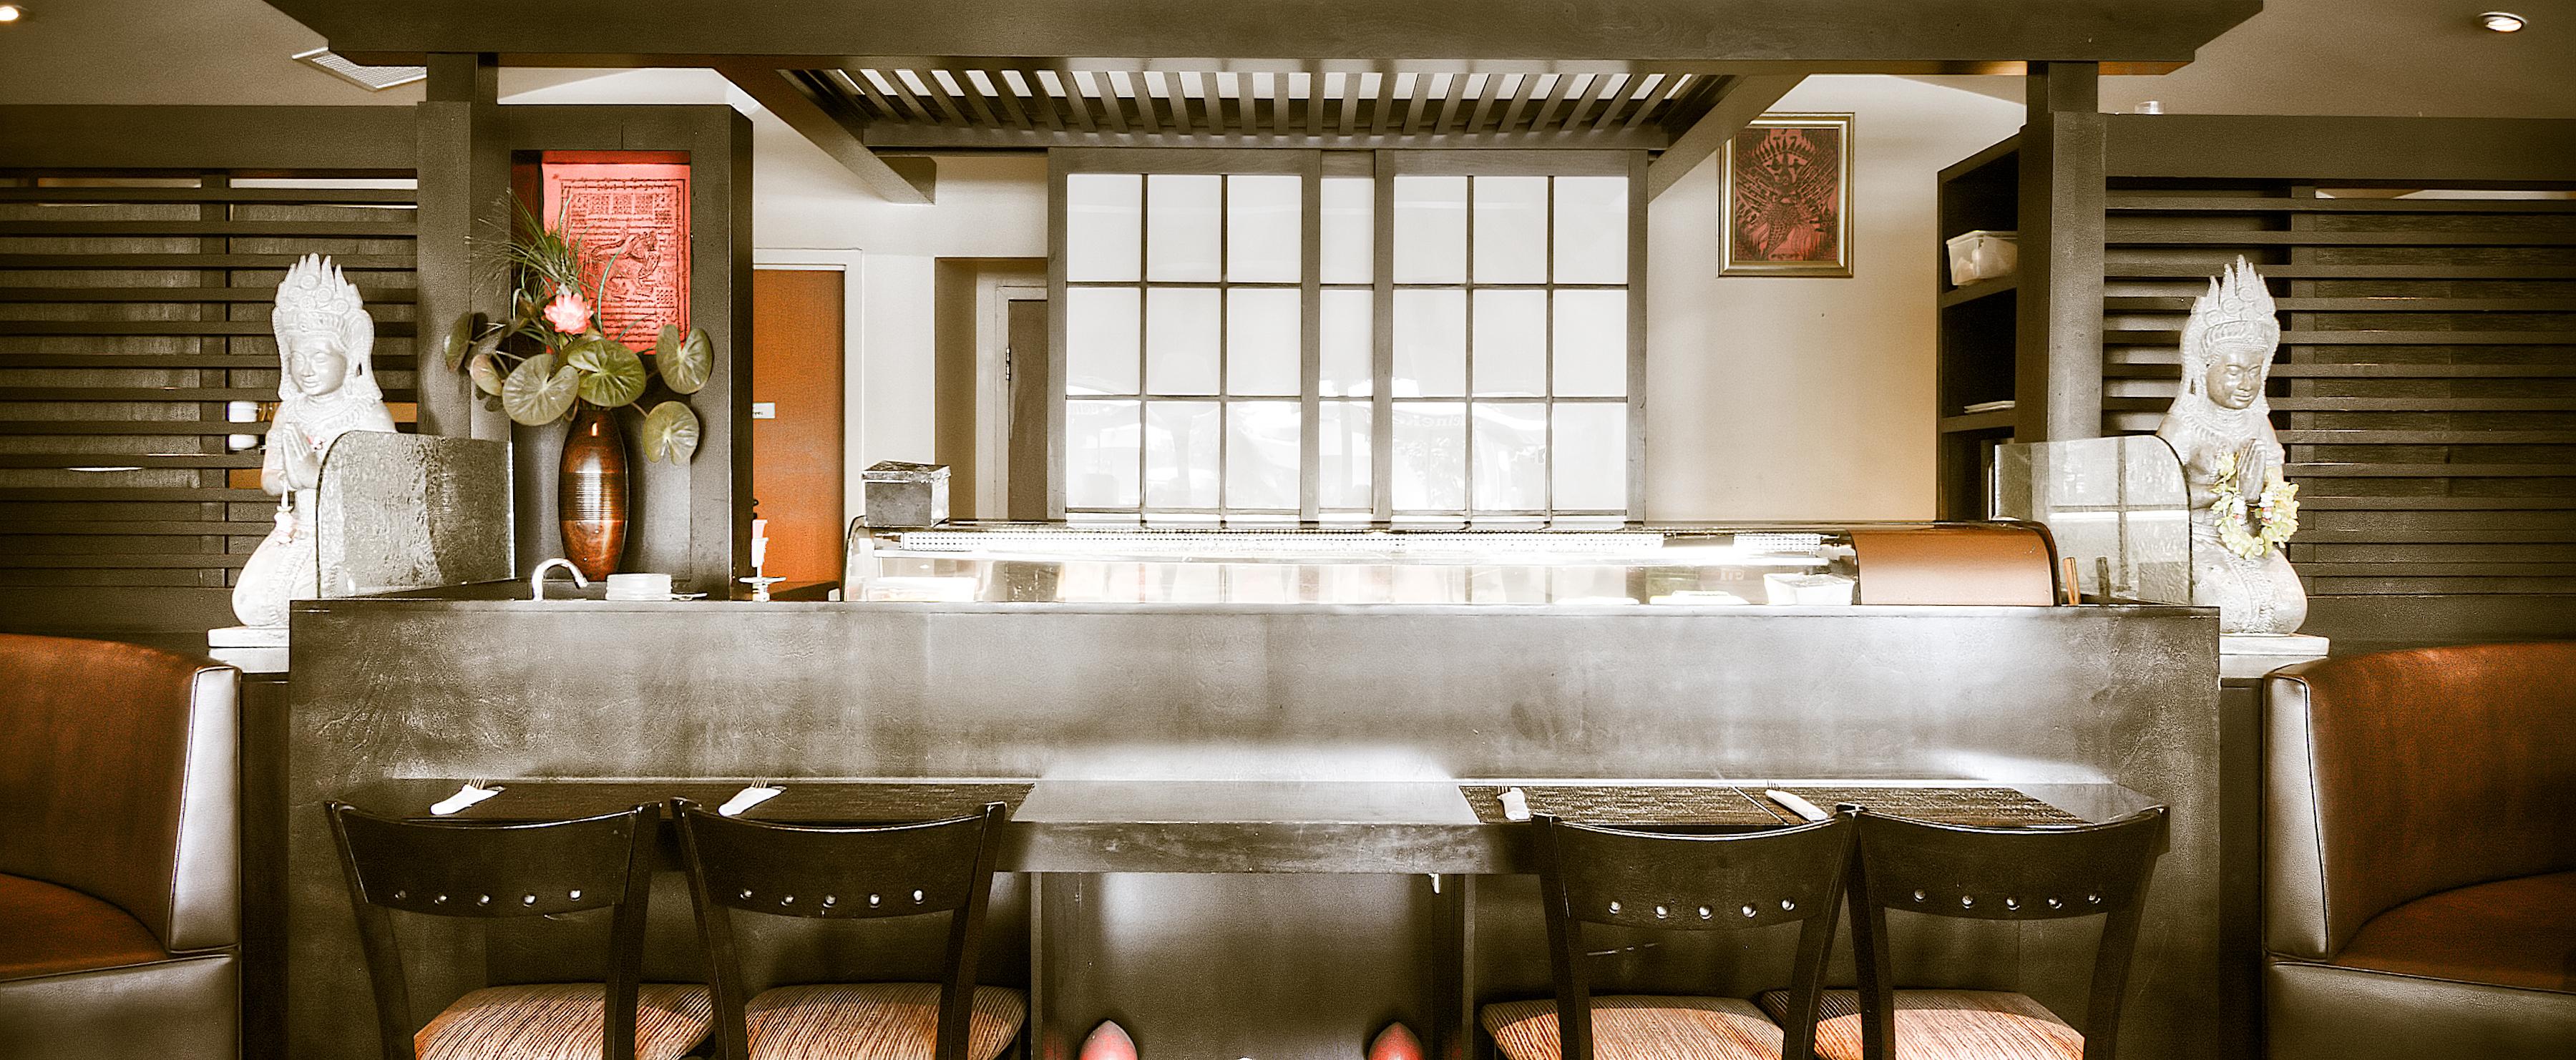 Le bar à sushis